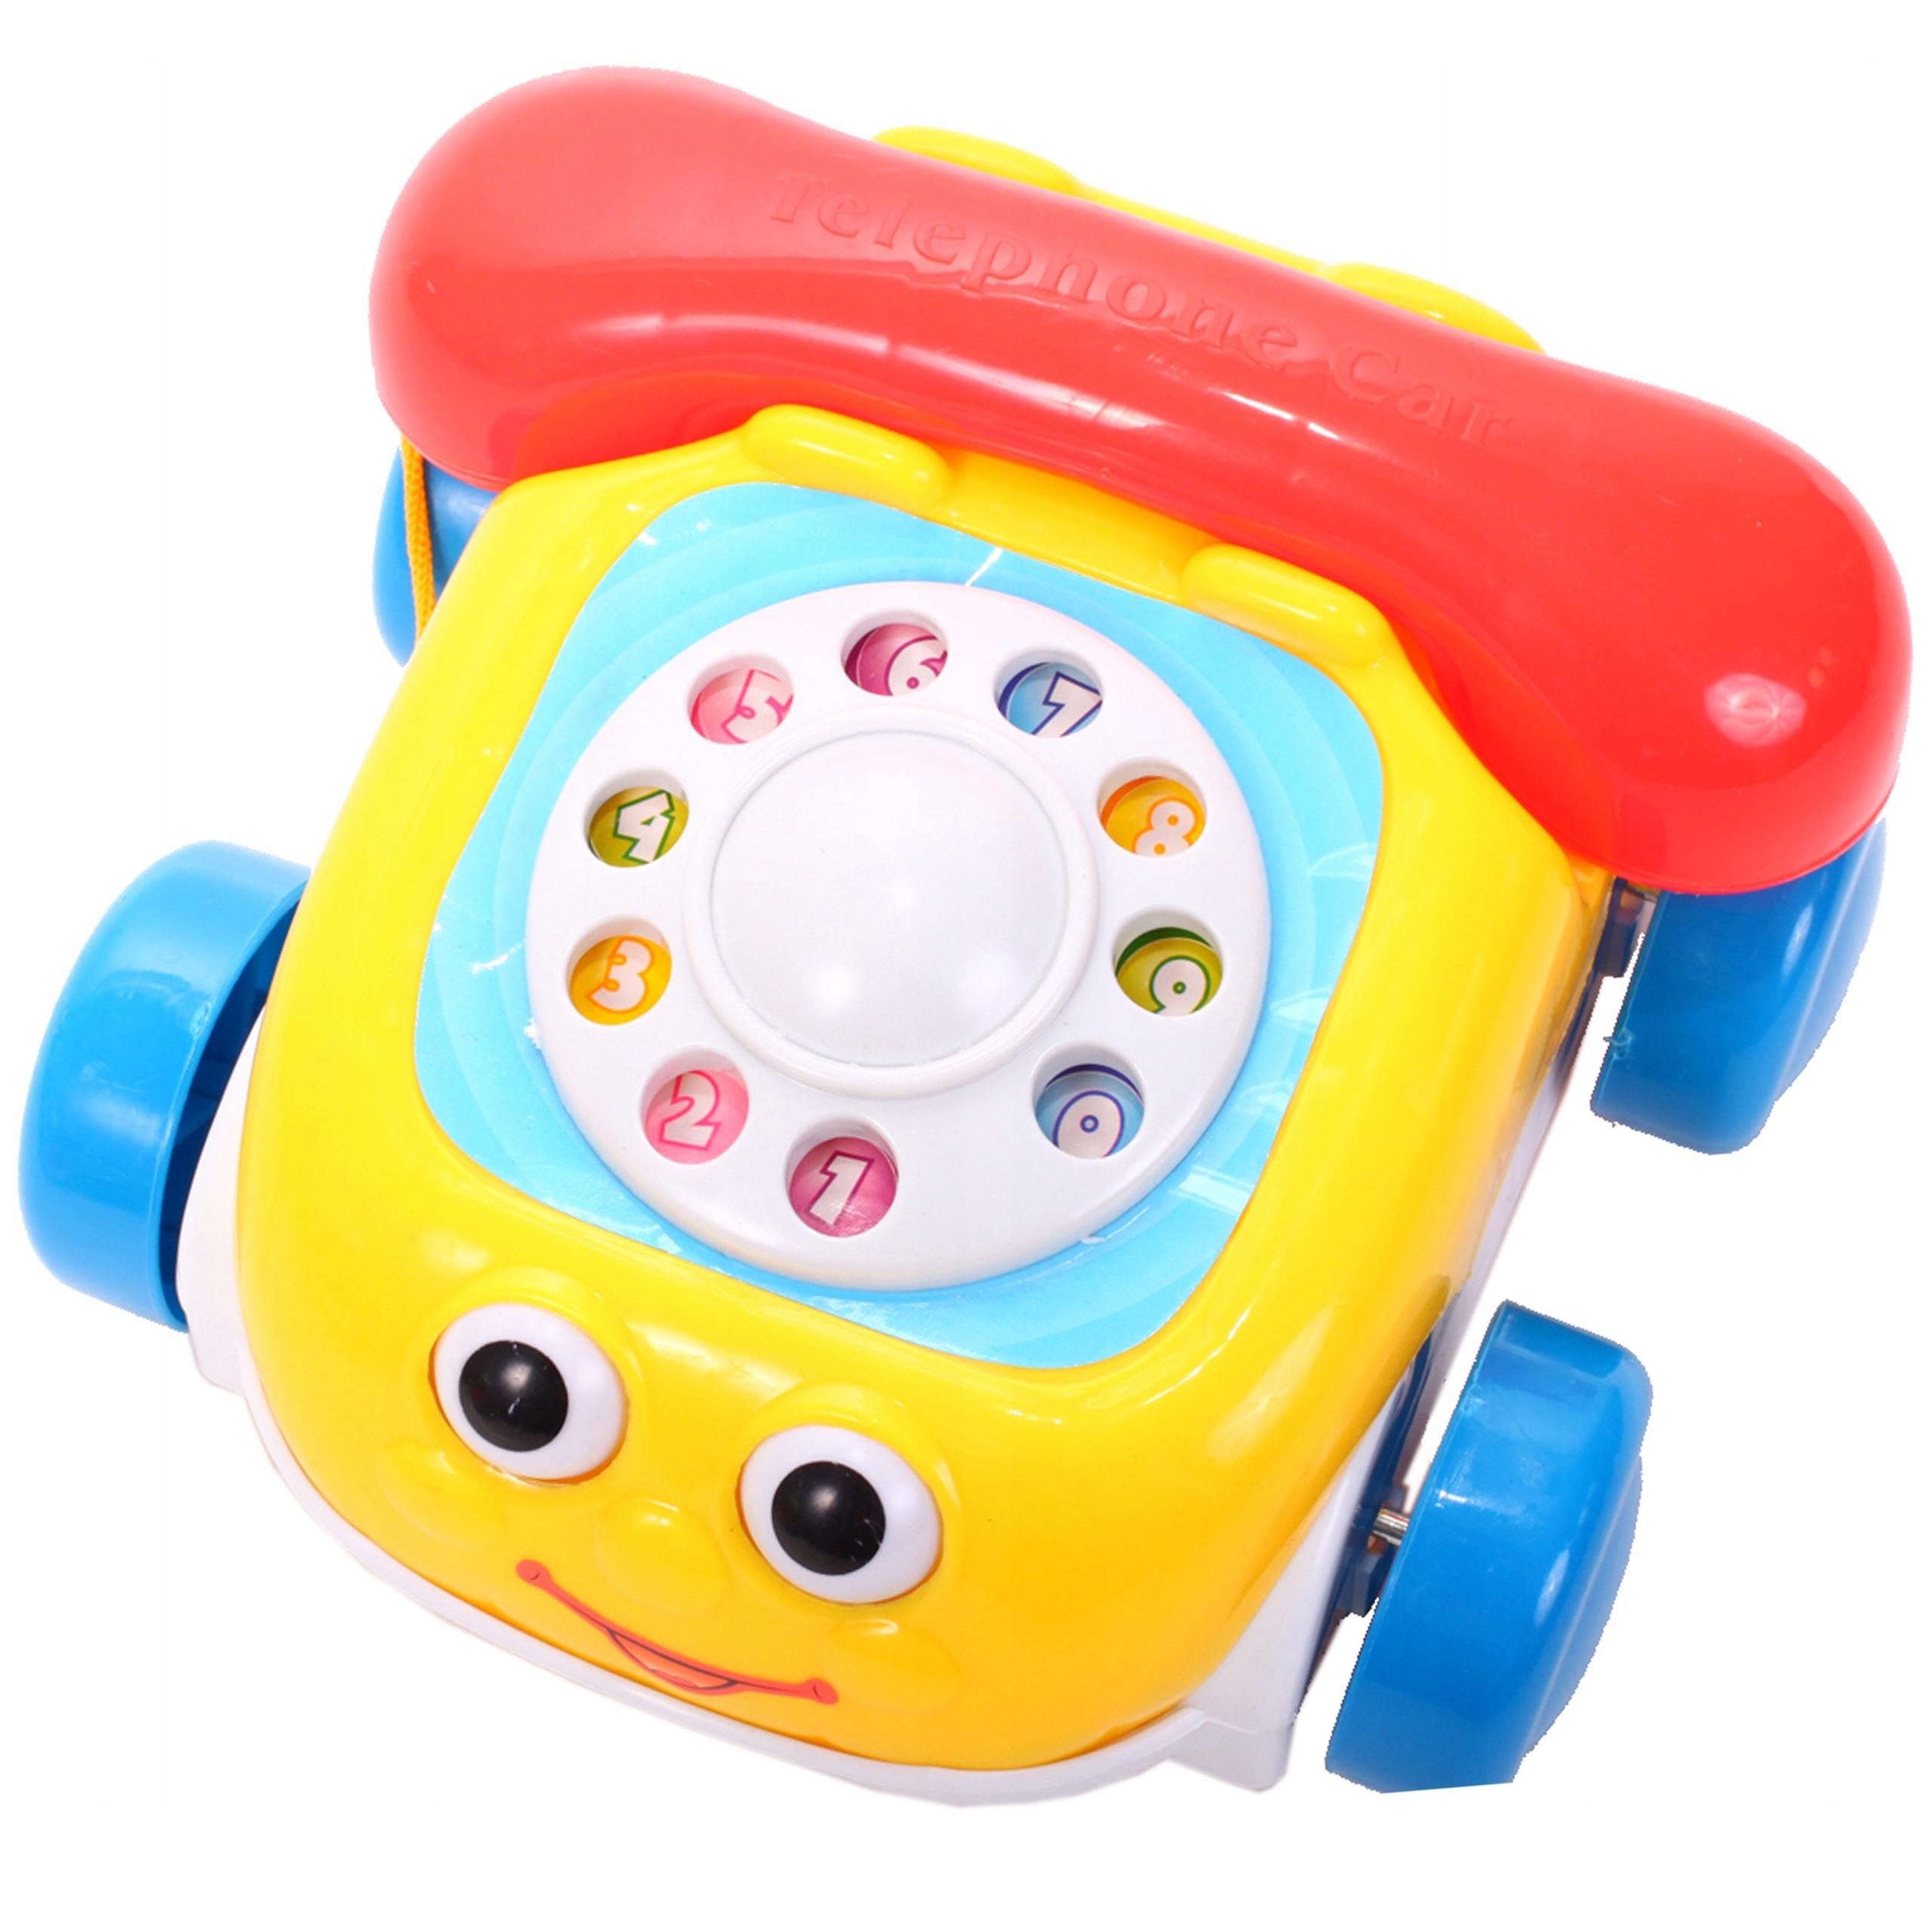 TELEFON GADUŁKI KOLOROWY Auto Na Sznurku Telefonik